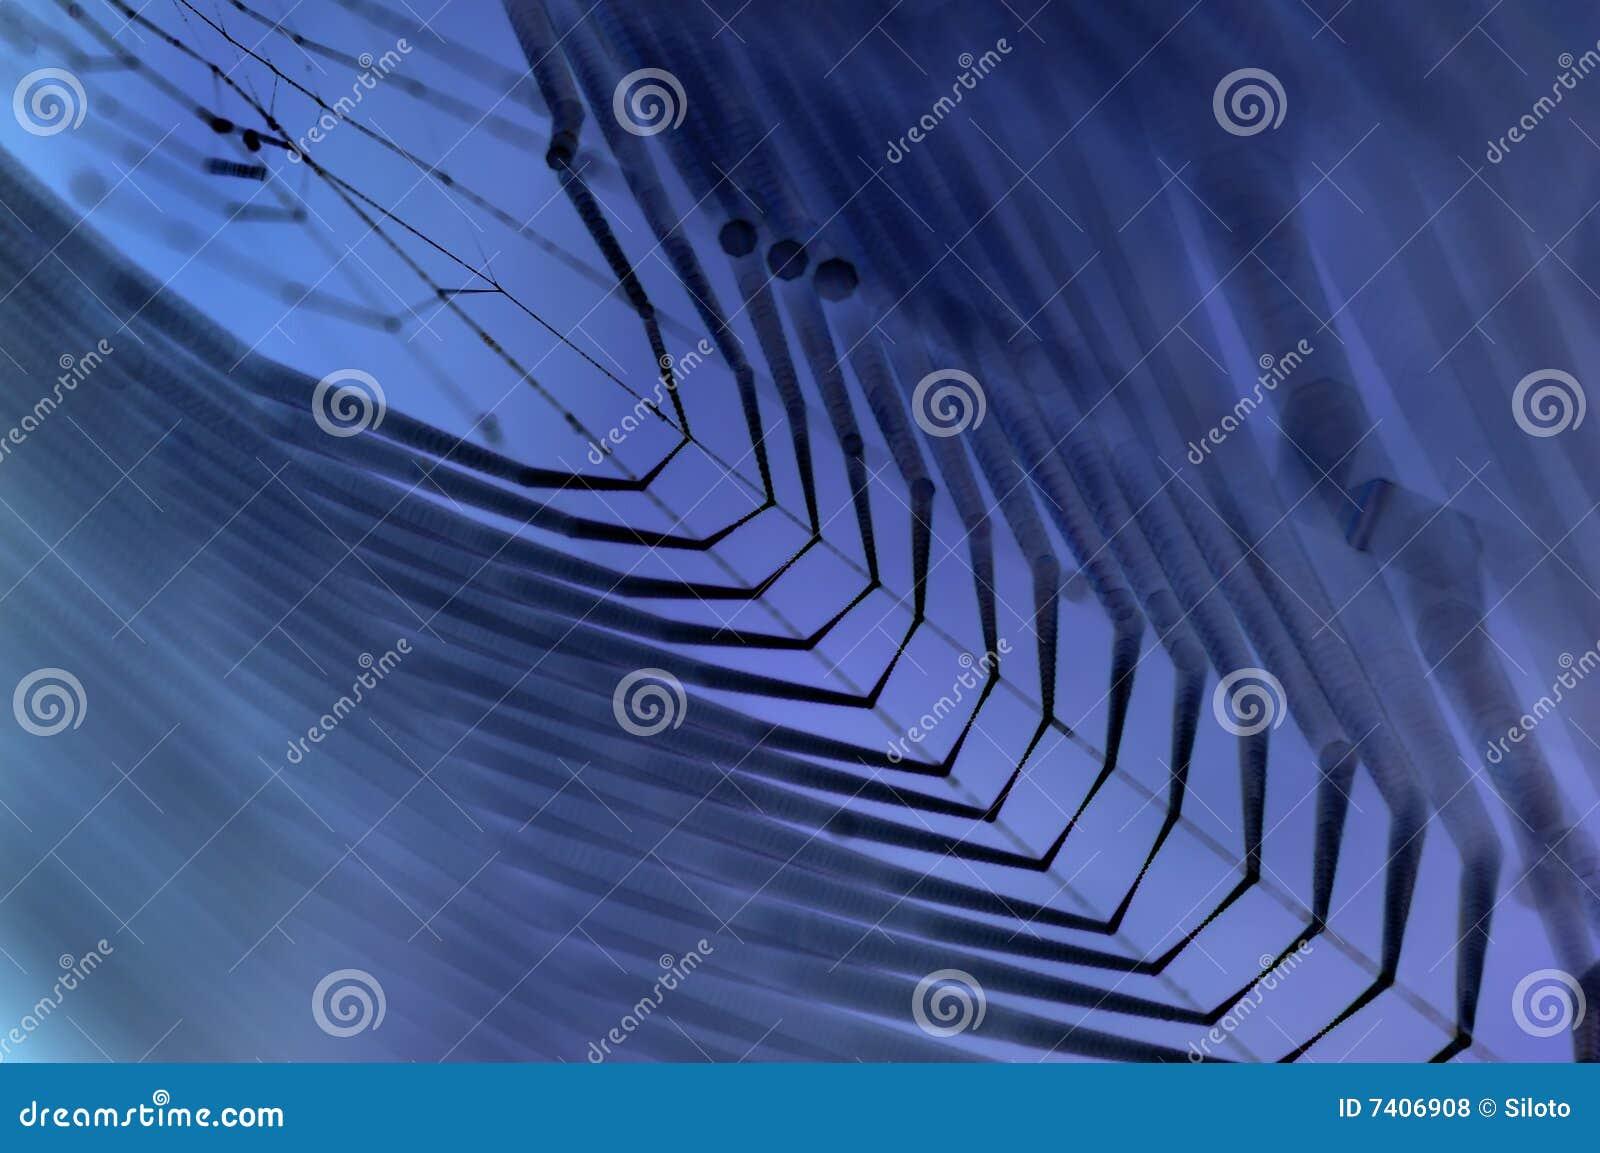 Dewy Spinnennetz im Blau